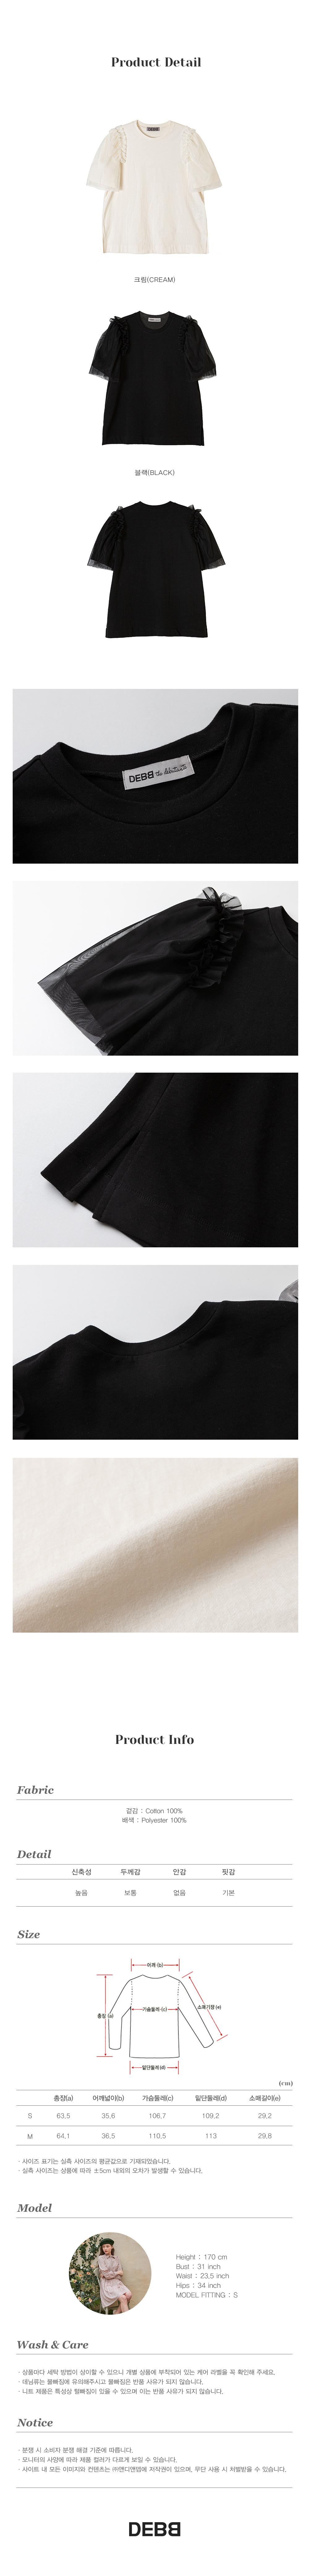 뎁(DEBB) 메쉬 러플 라운드 티셔츠(2color) [DCAMB2008M]